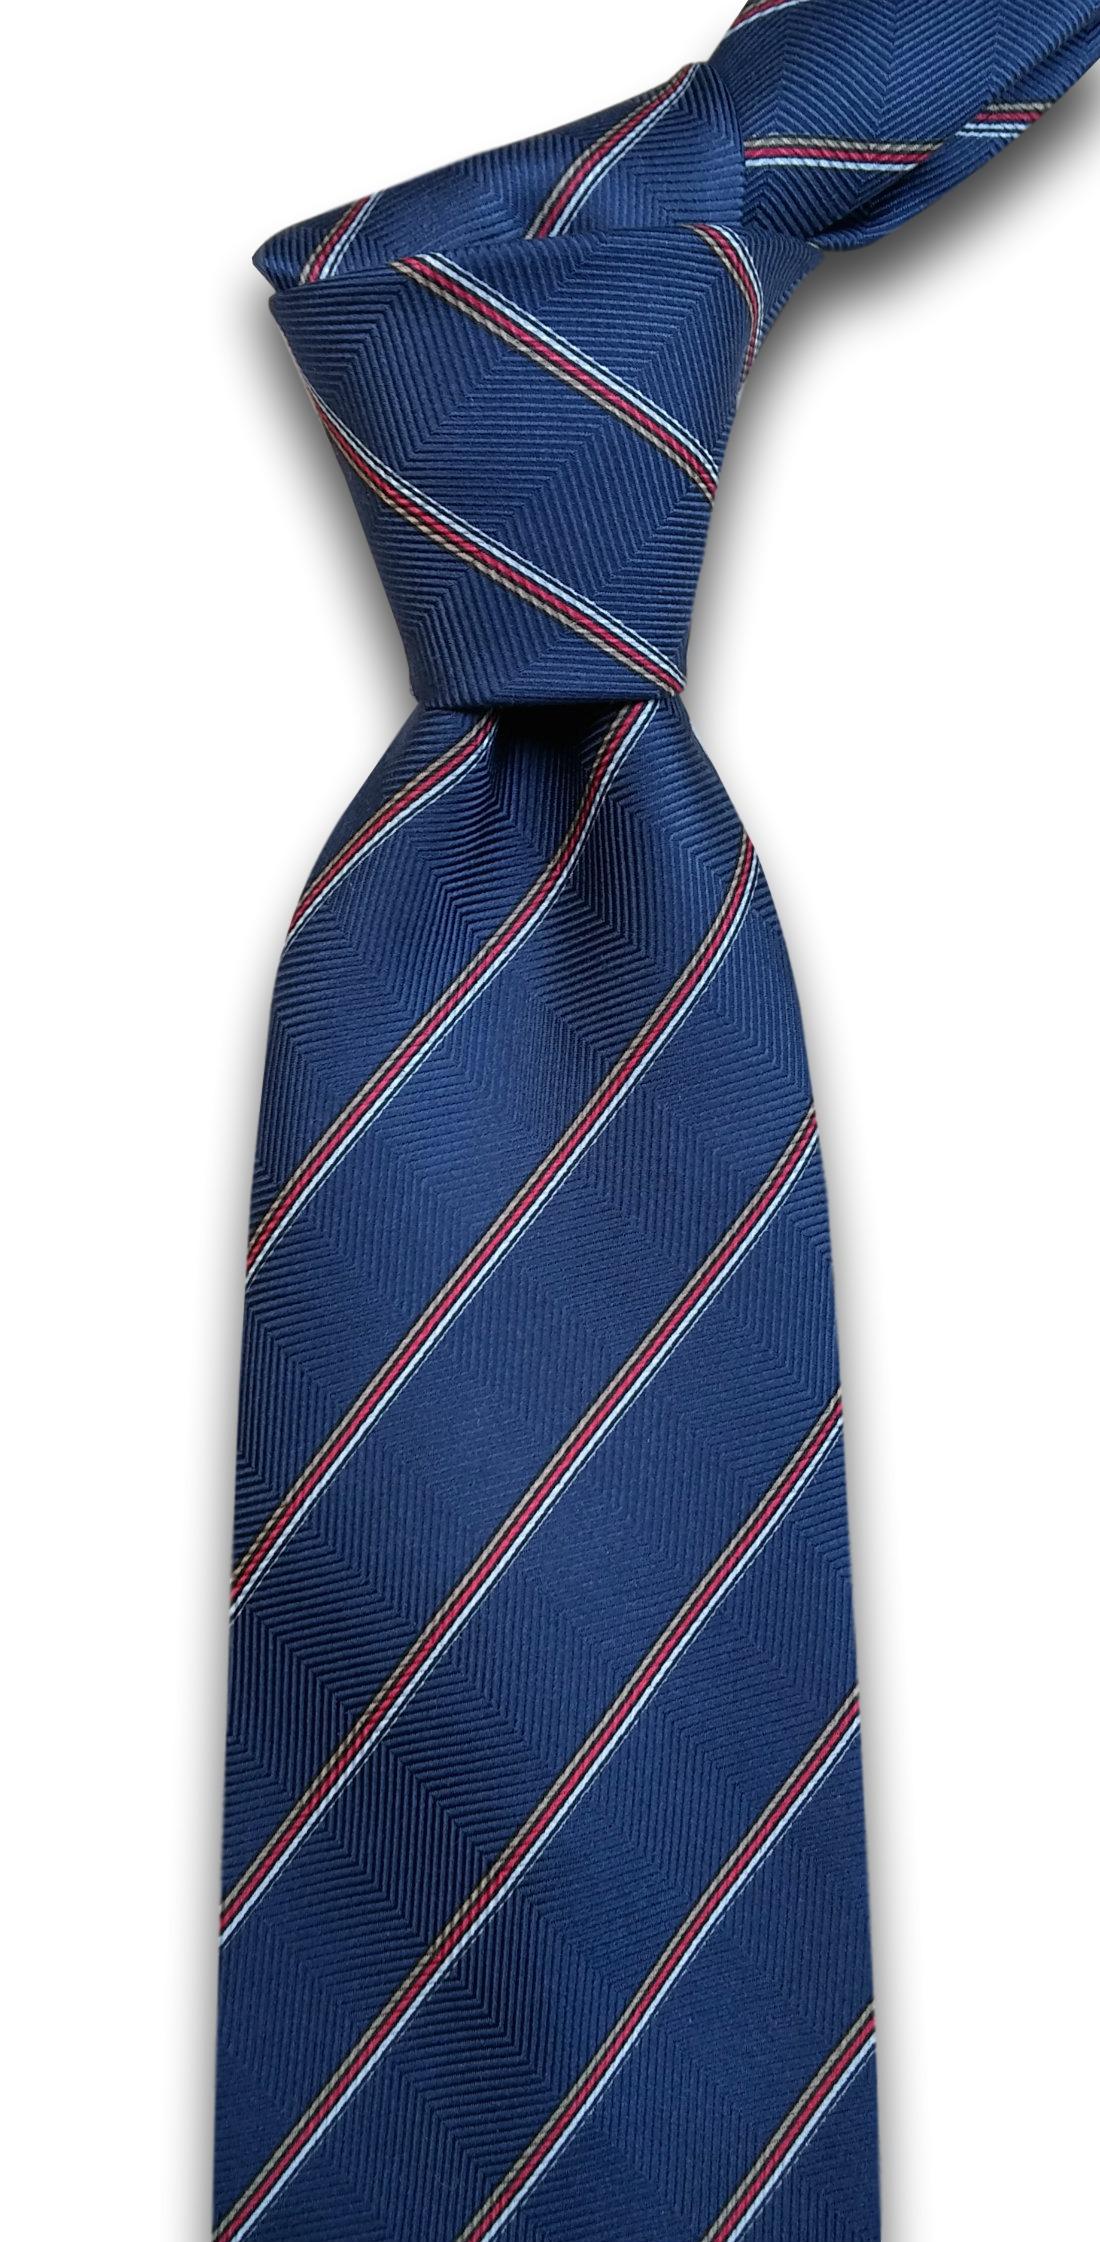 svilena kravata na pruge